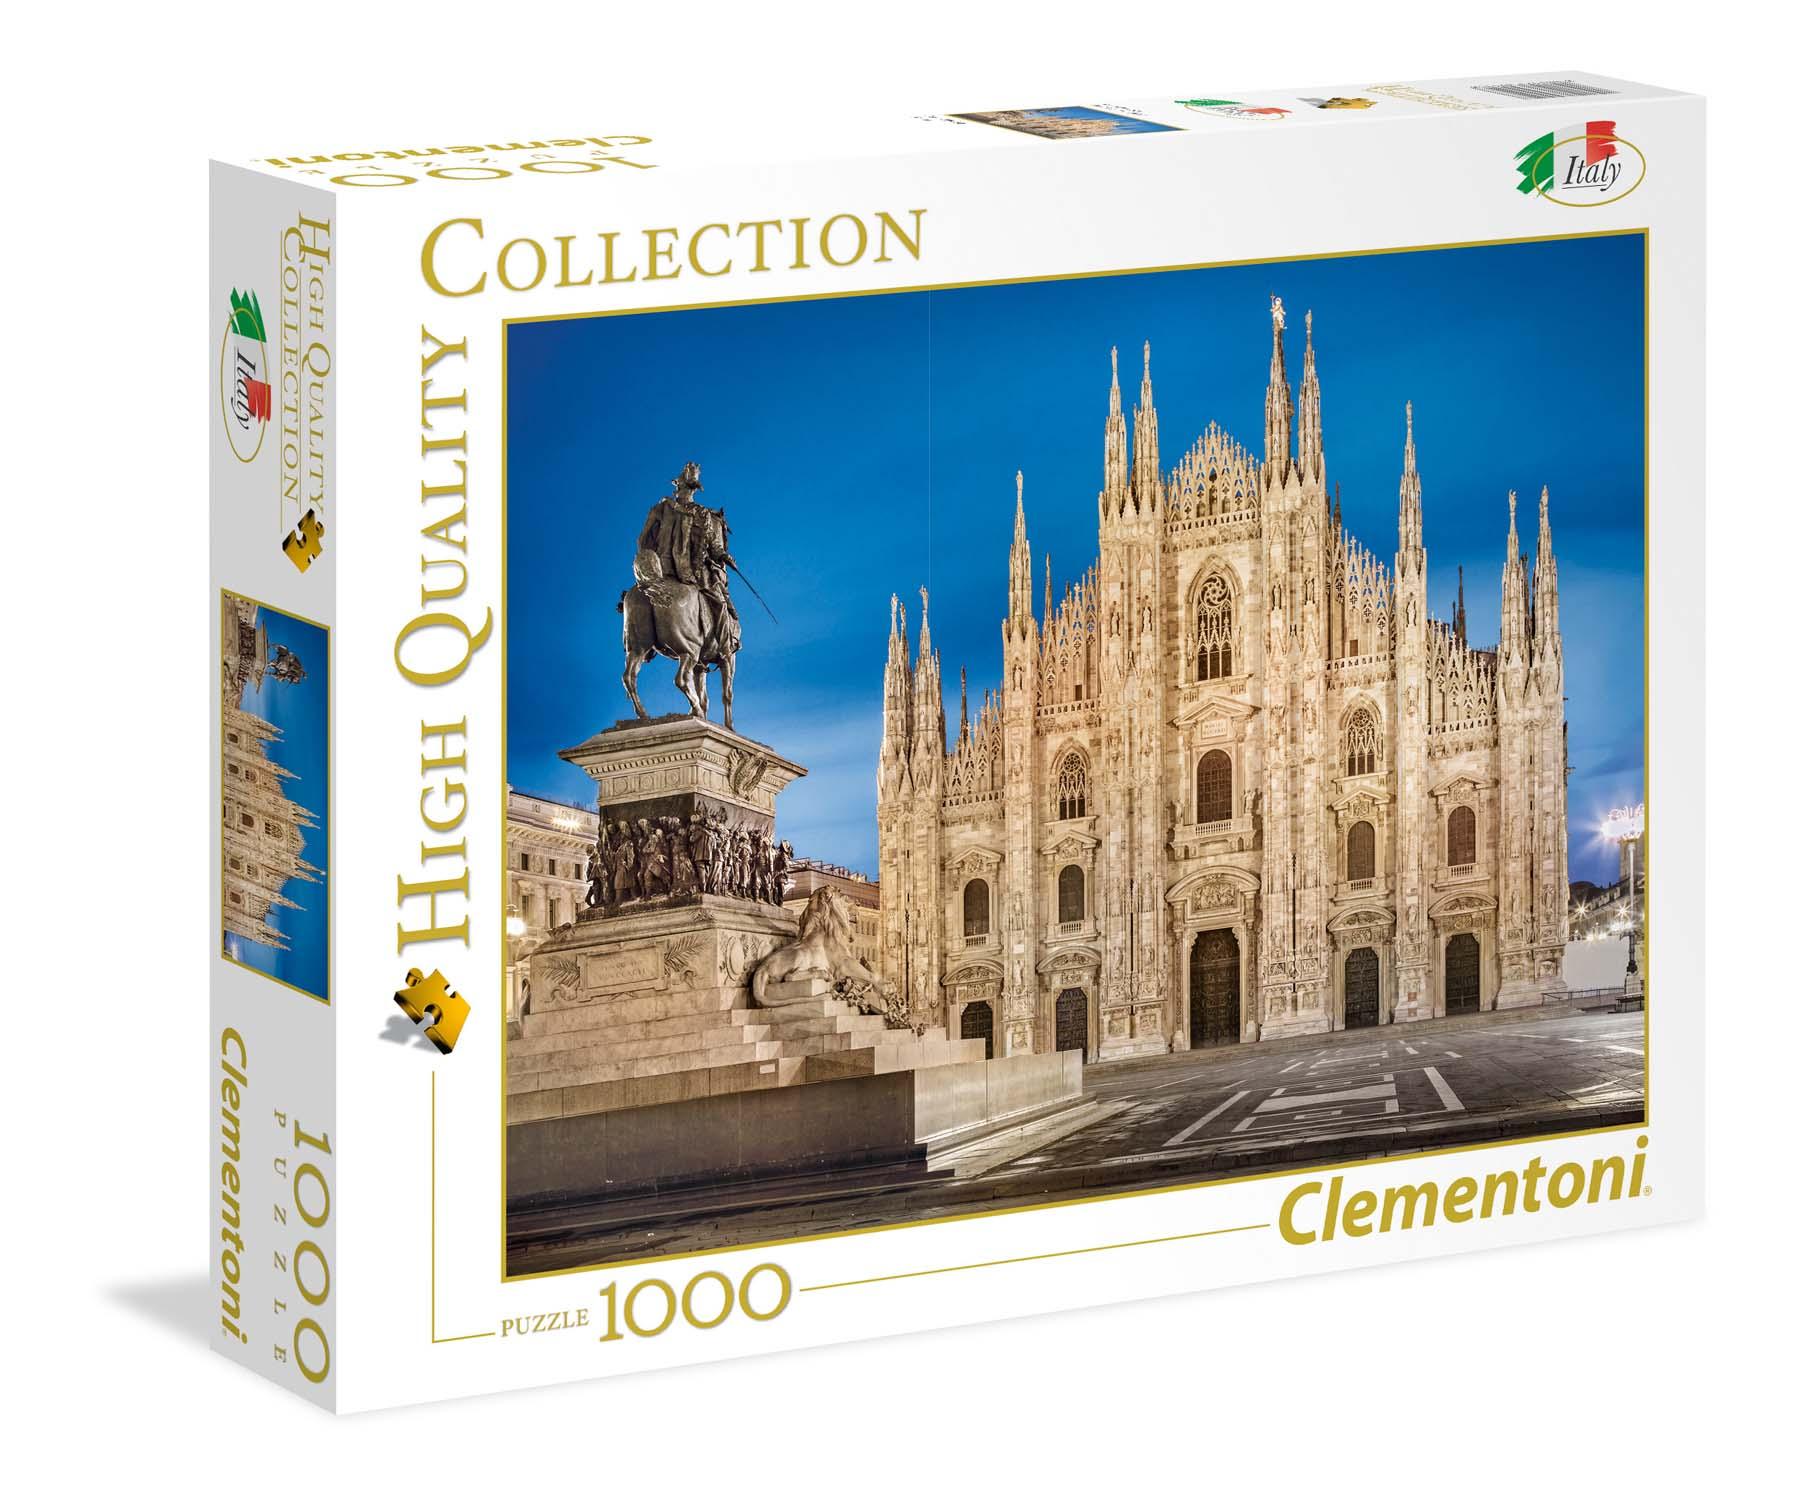 Merchandising Clementoni: Puzzle 1000 Pz - High Quality Collection - Italia - Milan NUOVO SIGILLATO, EDIZIONE DEL 07/03/2018 DISPO ENTRO UN MESE, SU ORDINAZIONE